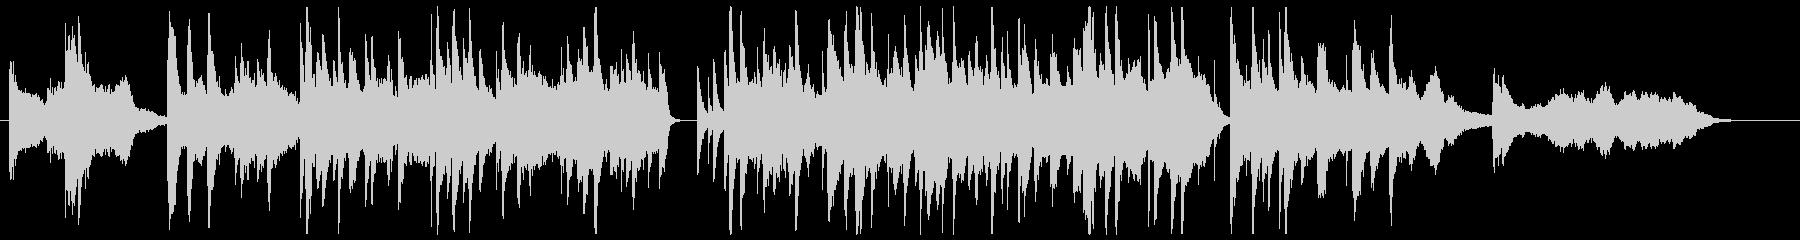 しっとりメロウなジャズバラードの未再生の波形